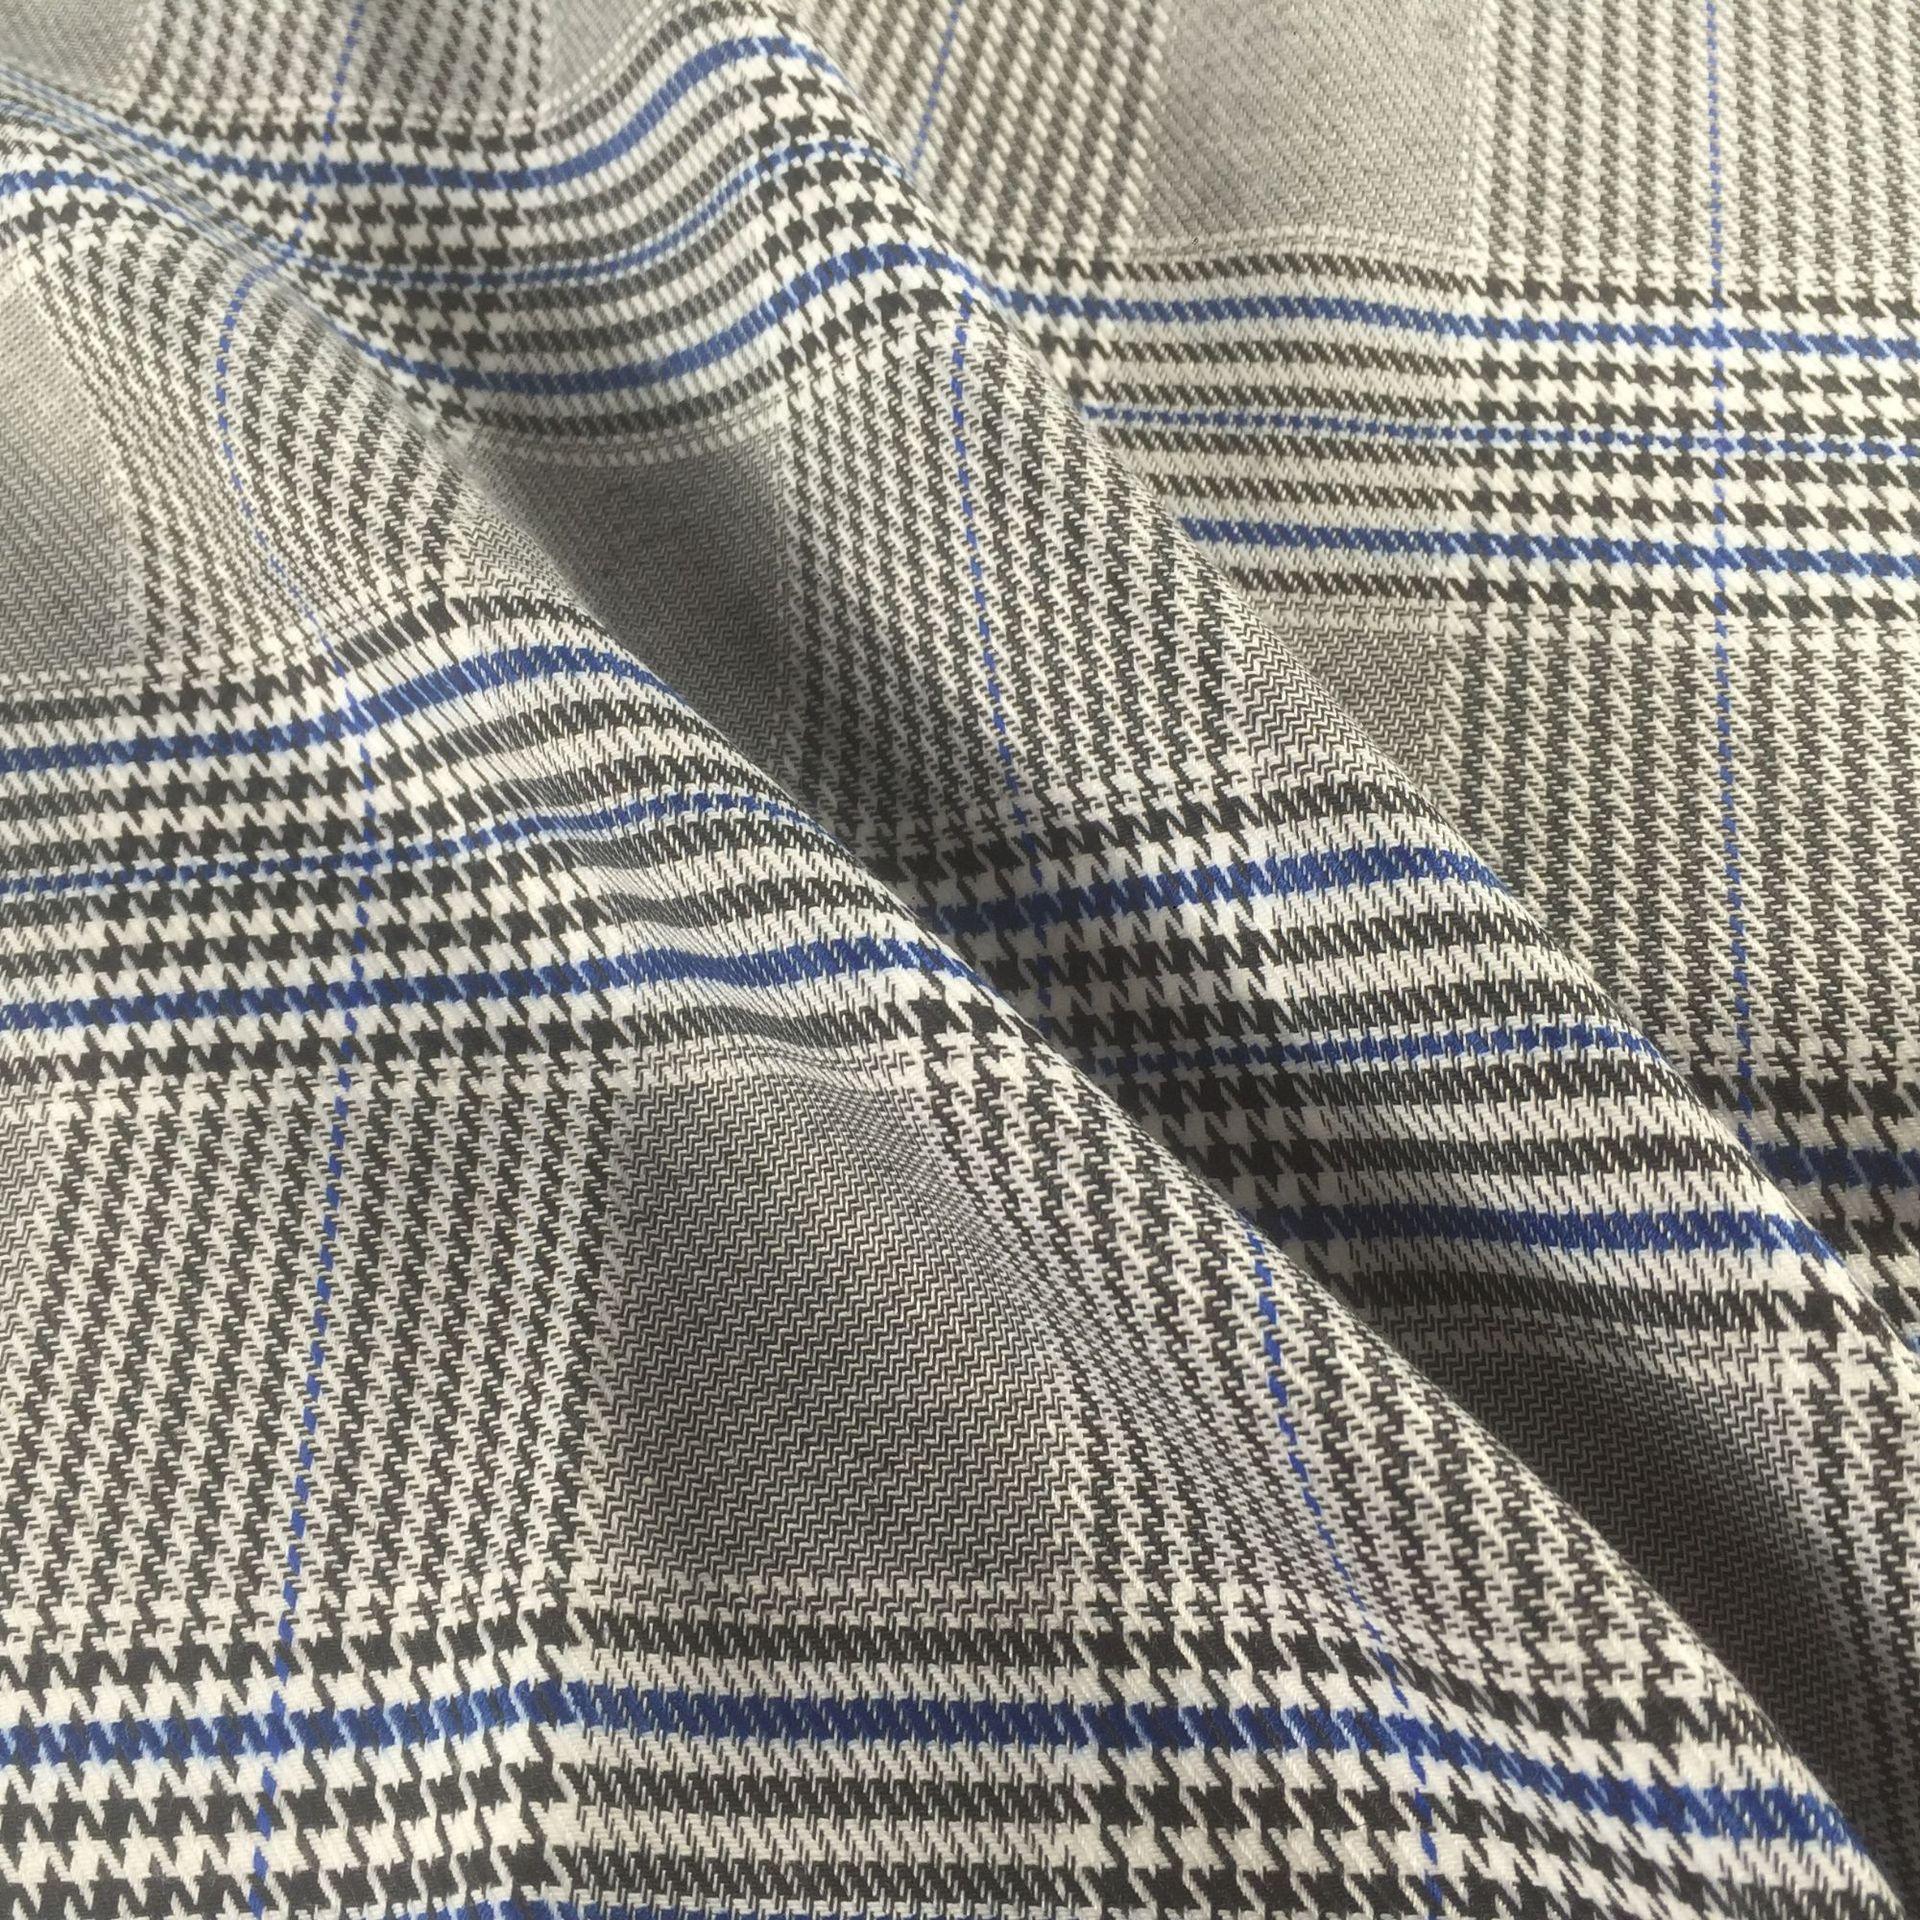 Off-the-shelf nhà sản xuất TR kẻ sọc vải căng polyester phù hợp với áo giản dị màu dệt houndstooth v